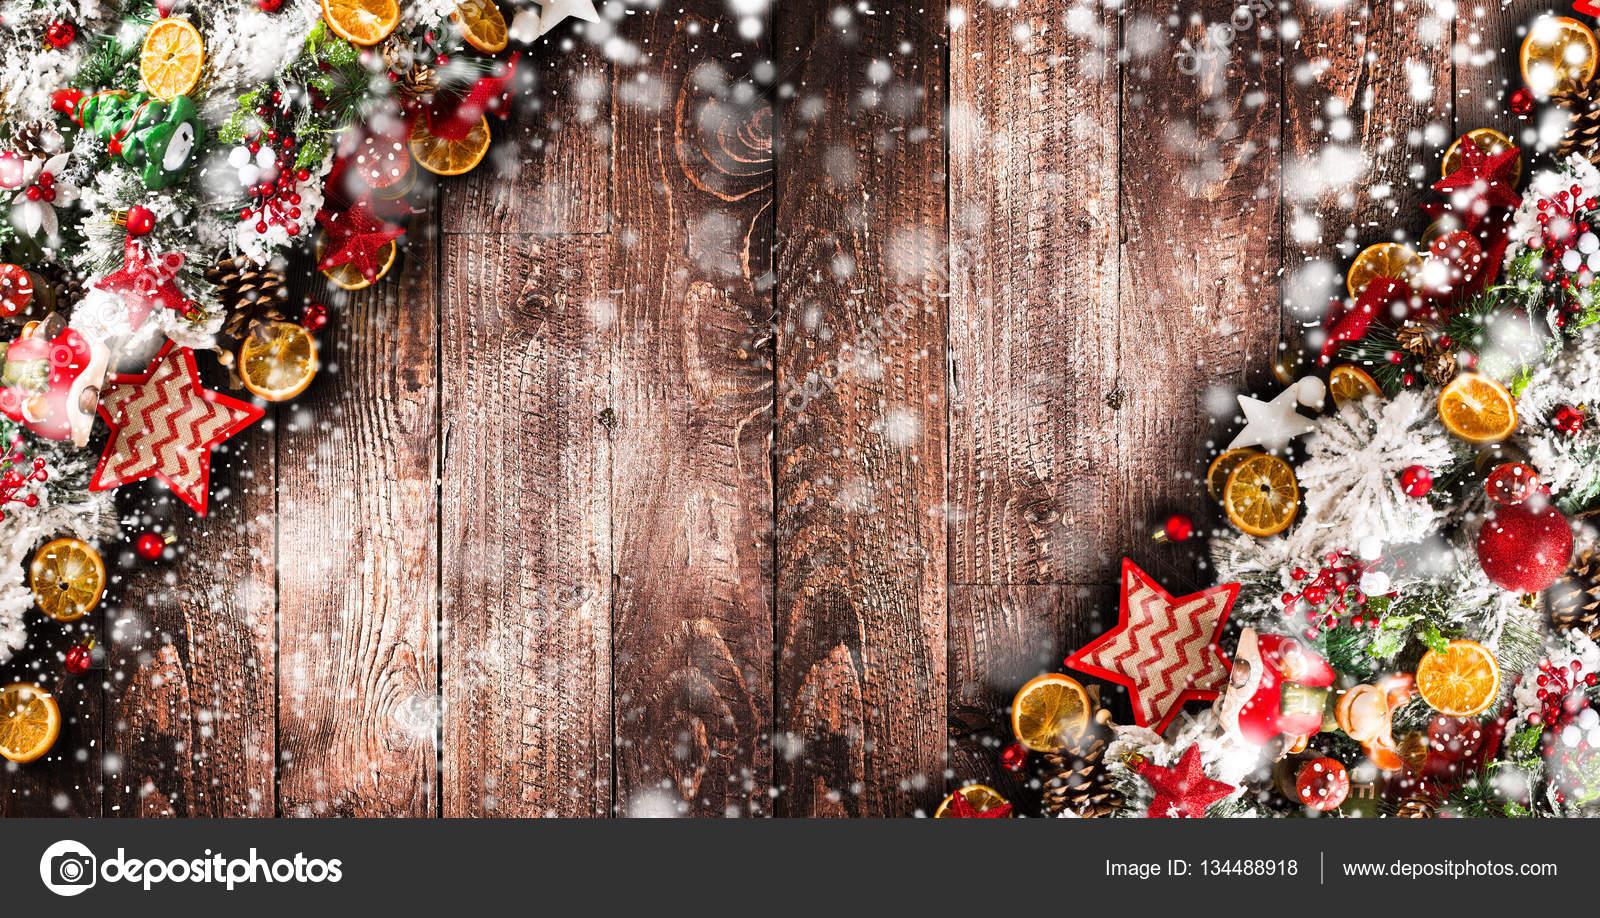 Frohe Weihnachten Rahmen.Frohe Weihnachten Rahmen Mit Schnee Und Echtholz Grünen Pinien